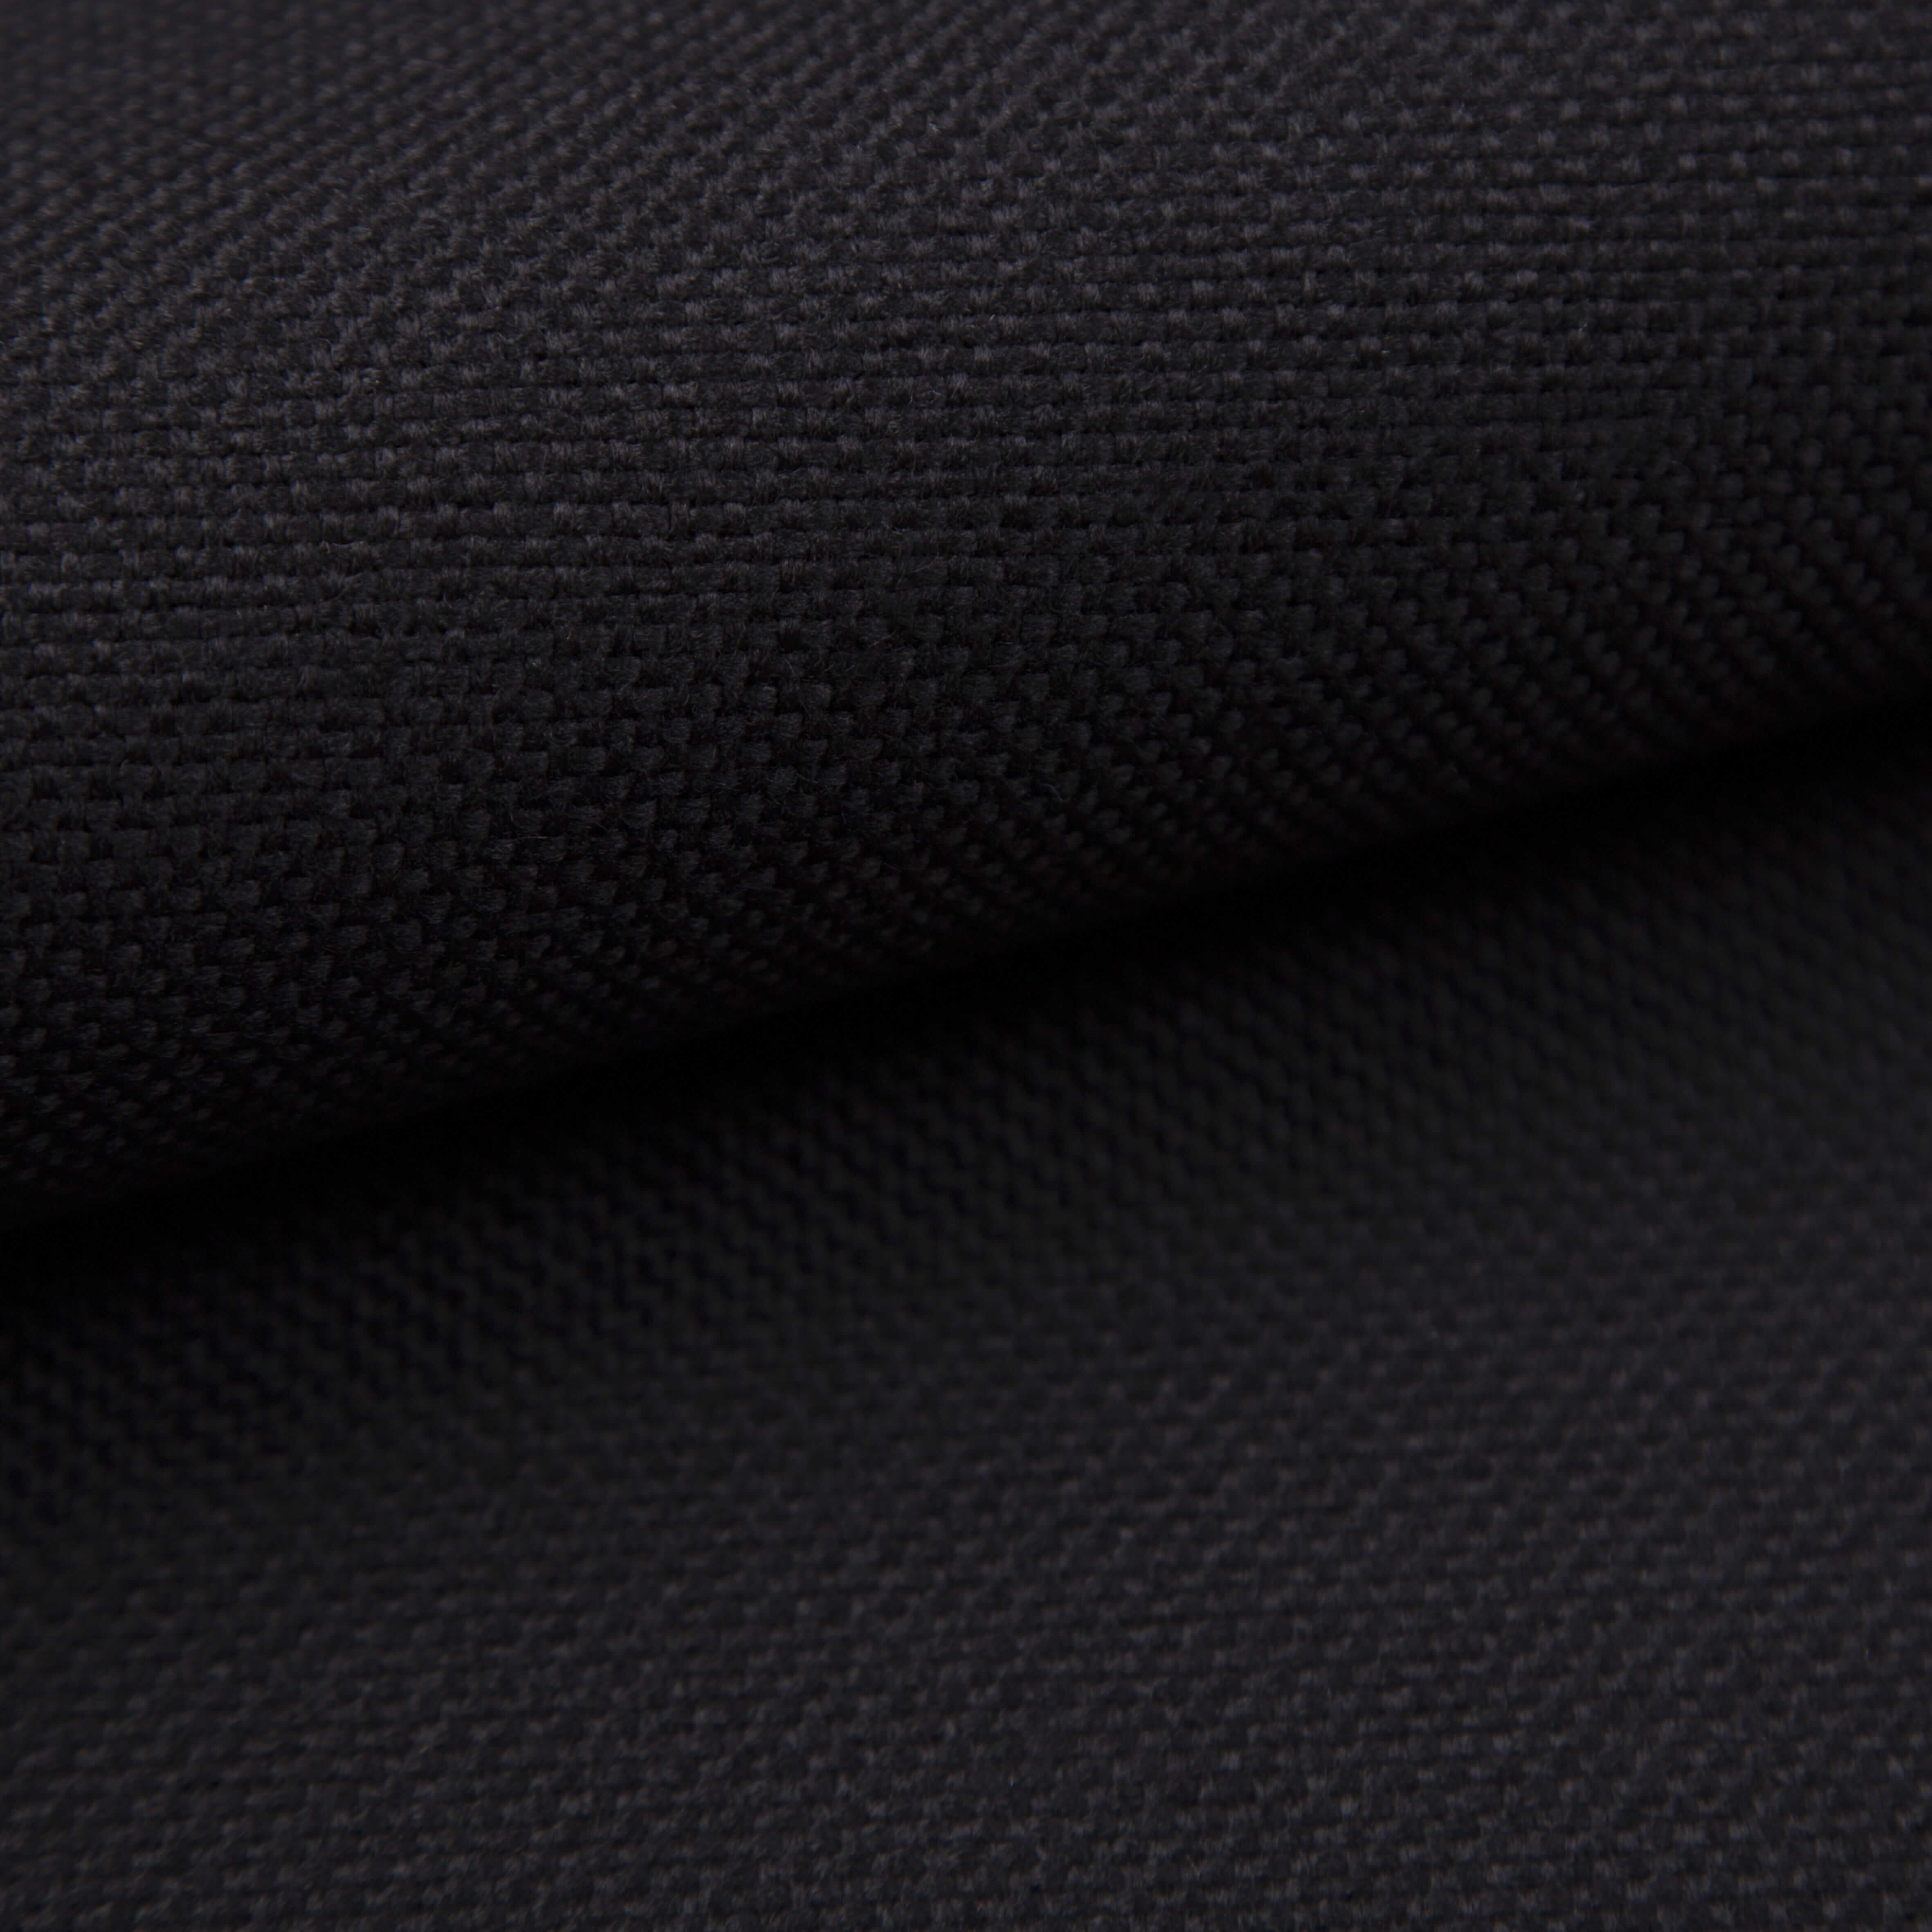 Laufmeterstoff Polyester - MUNA 14